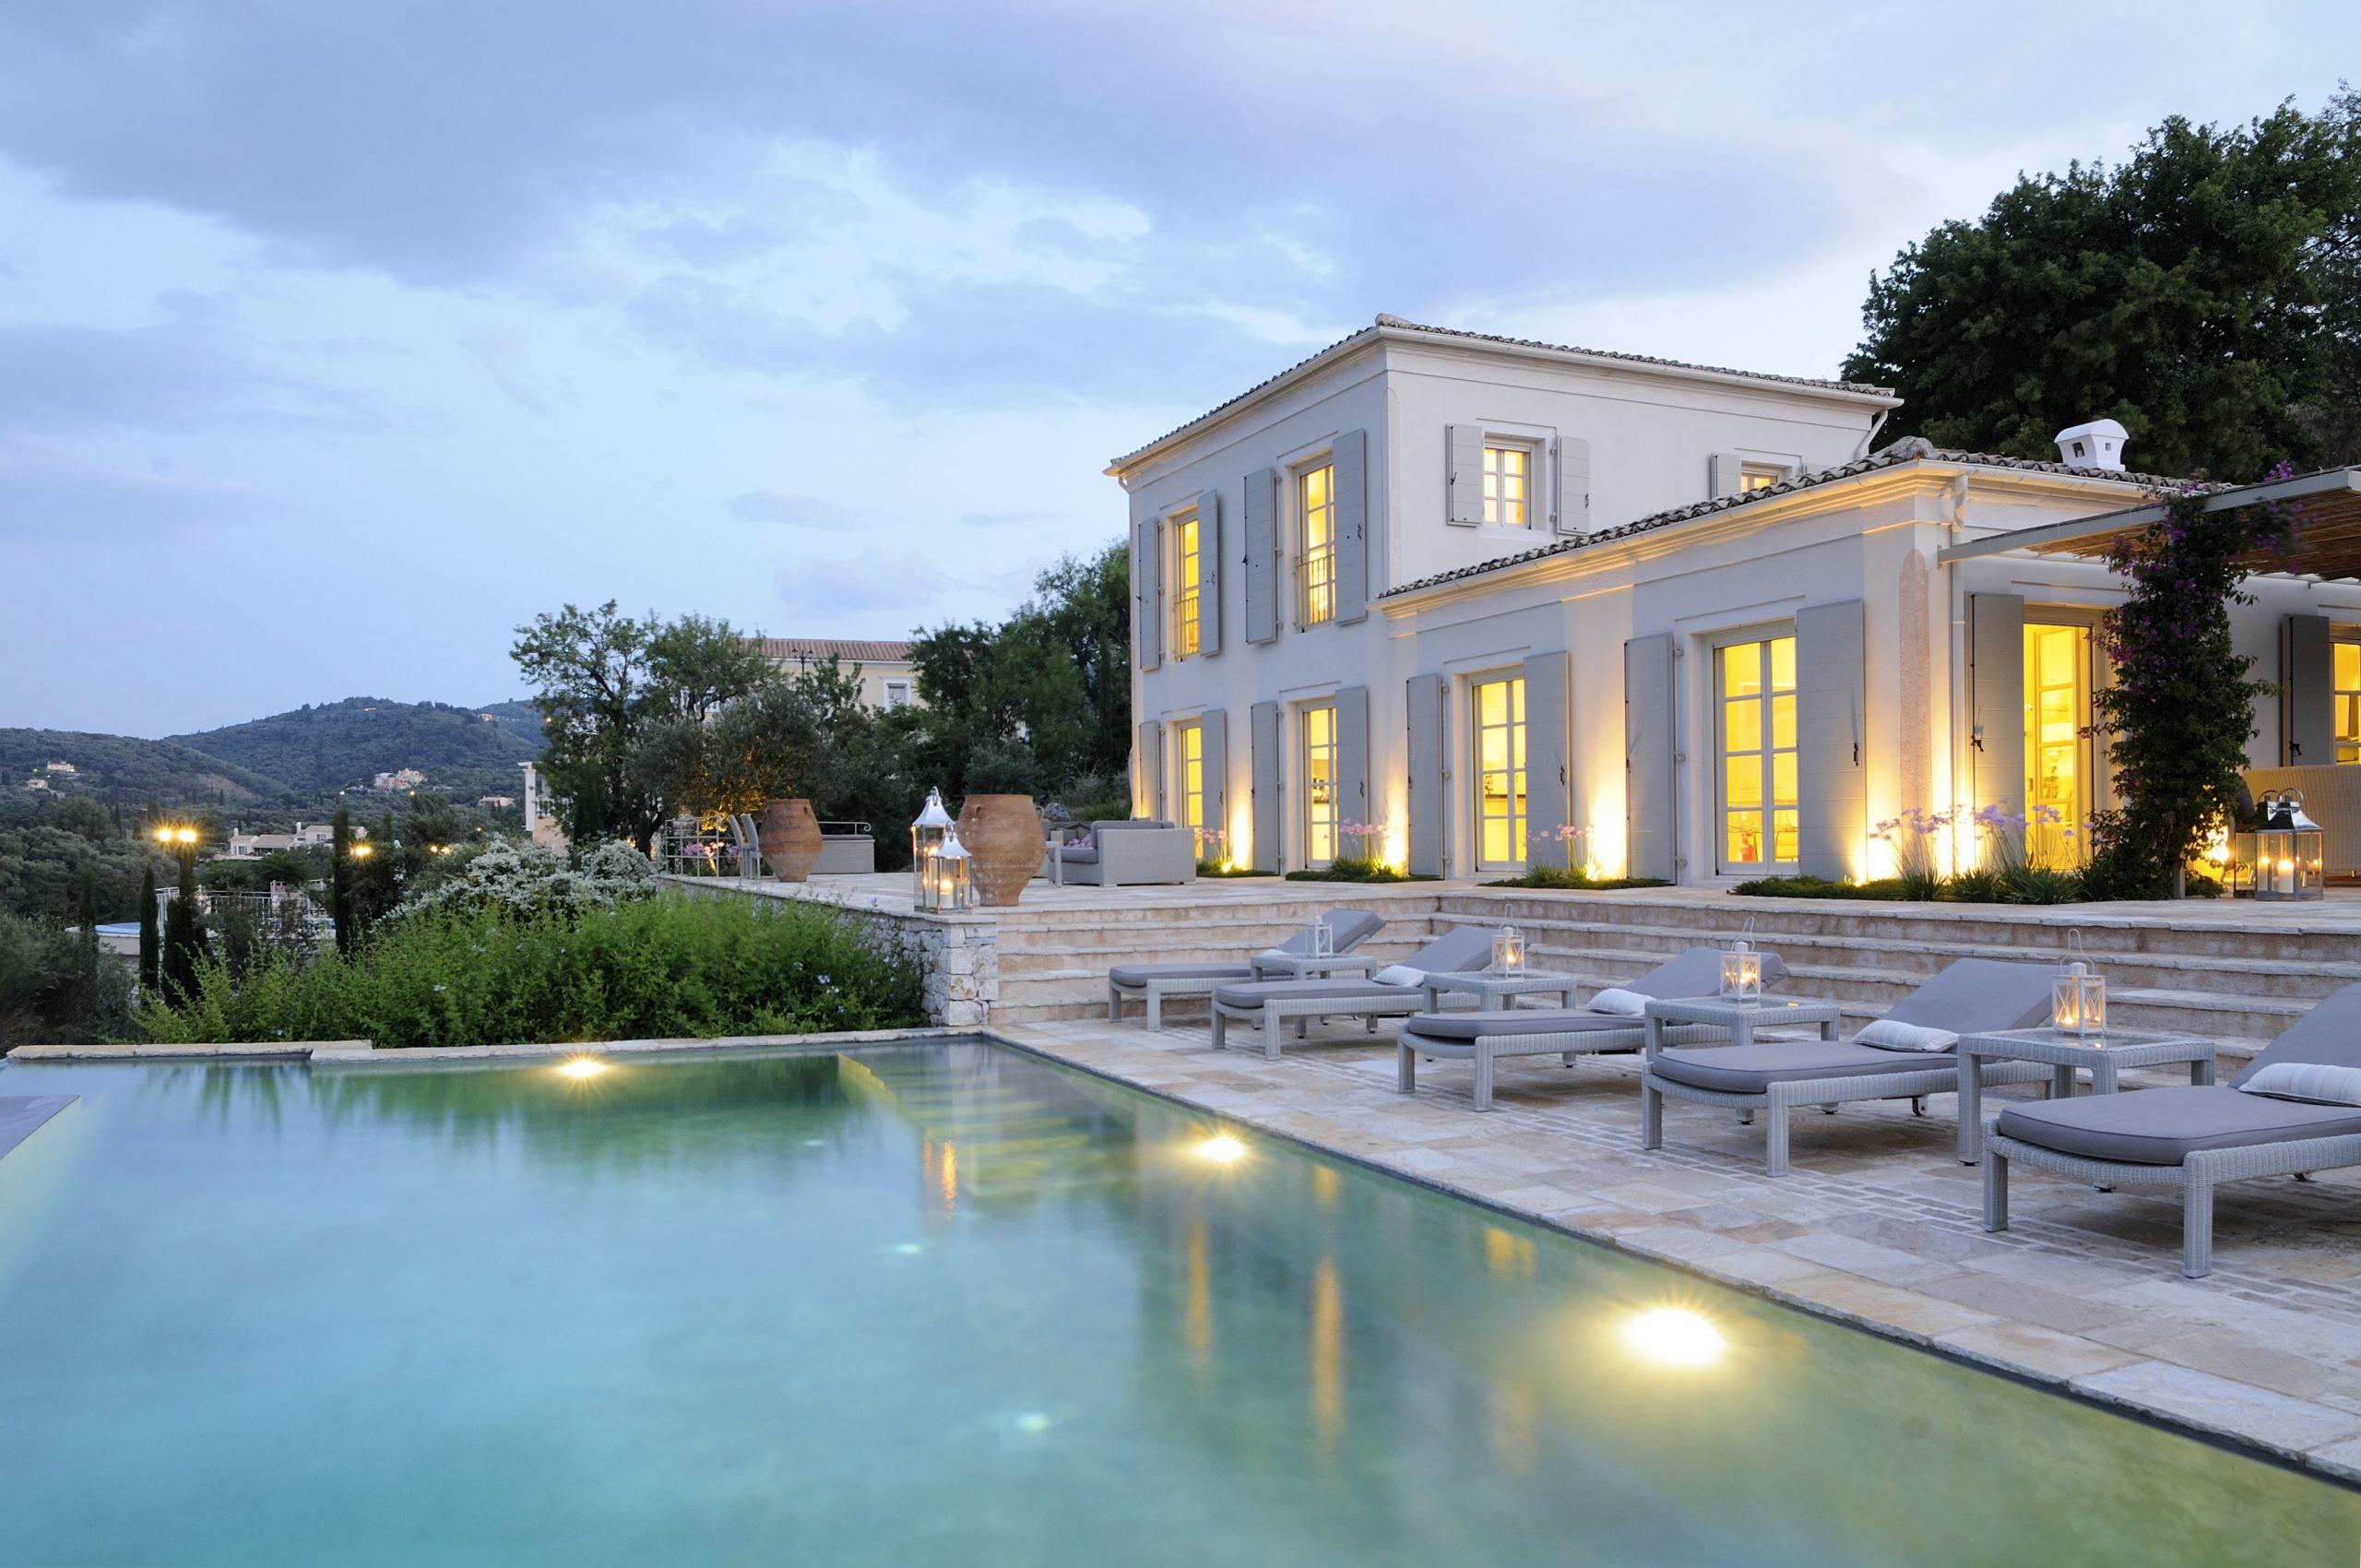 Atolikos House, The Kassiopi Estate, Corfu